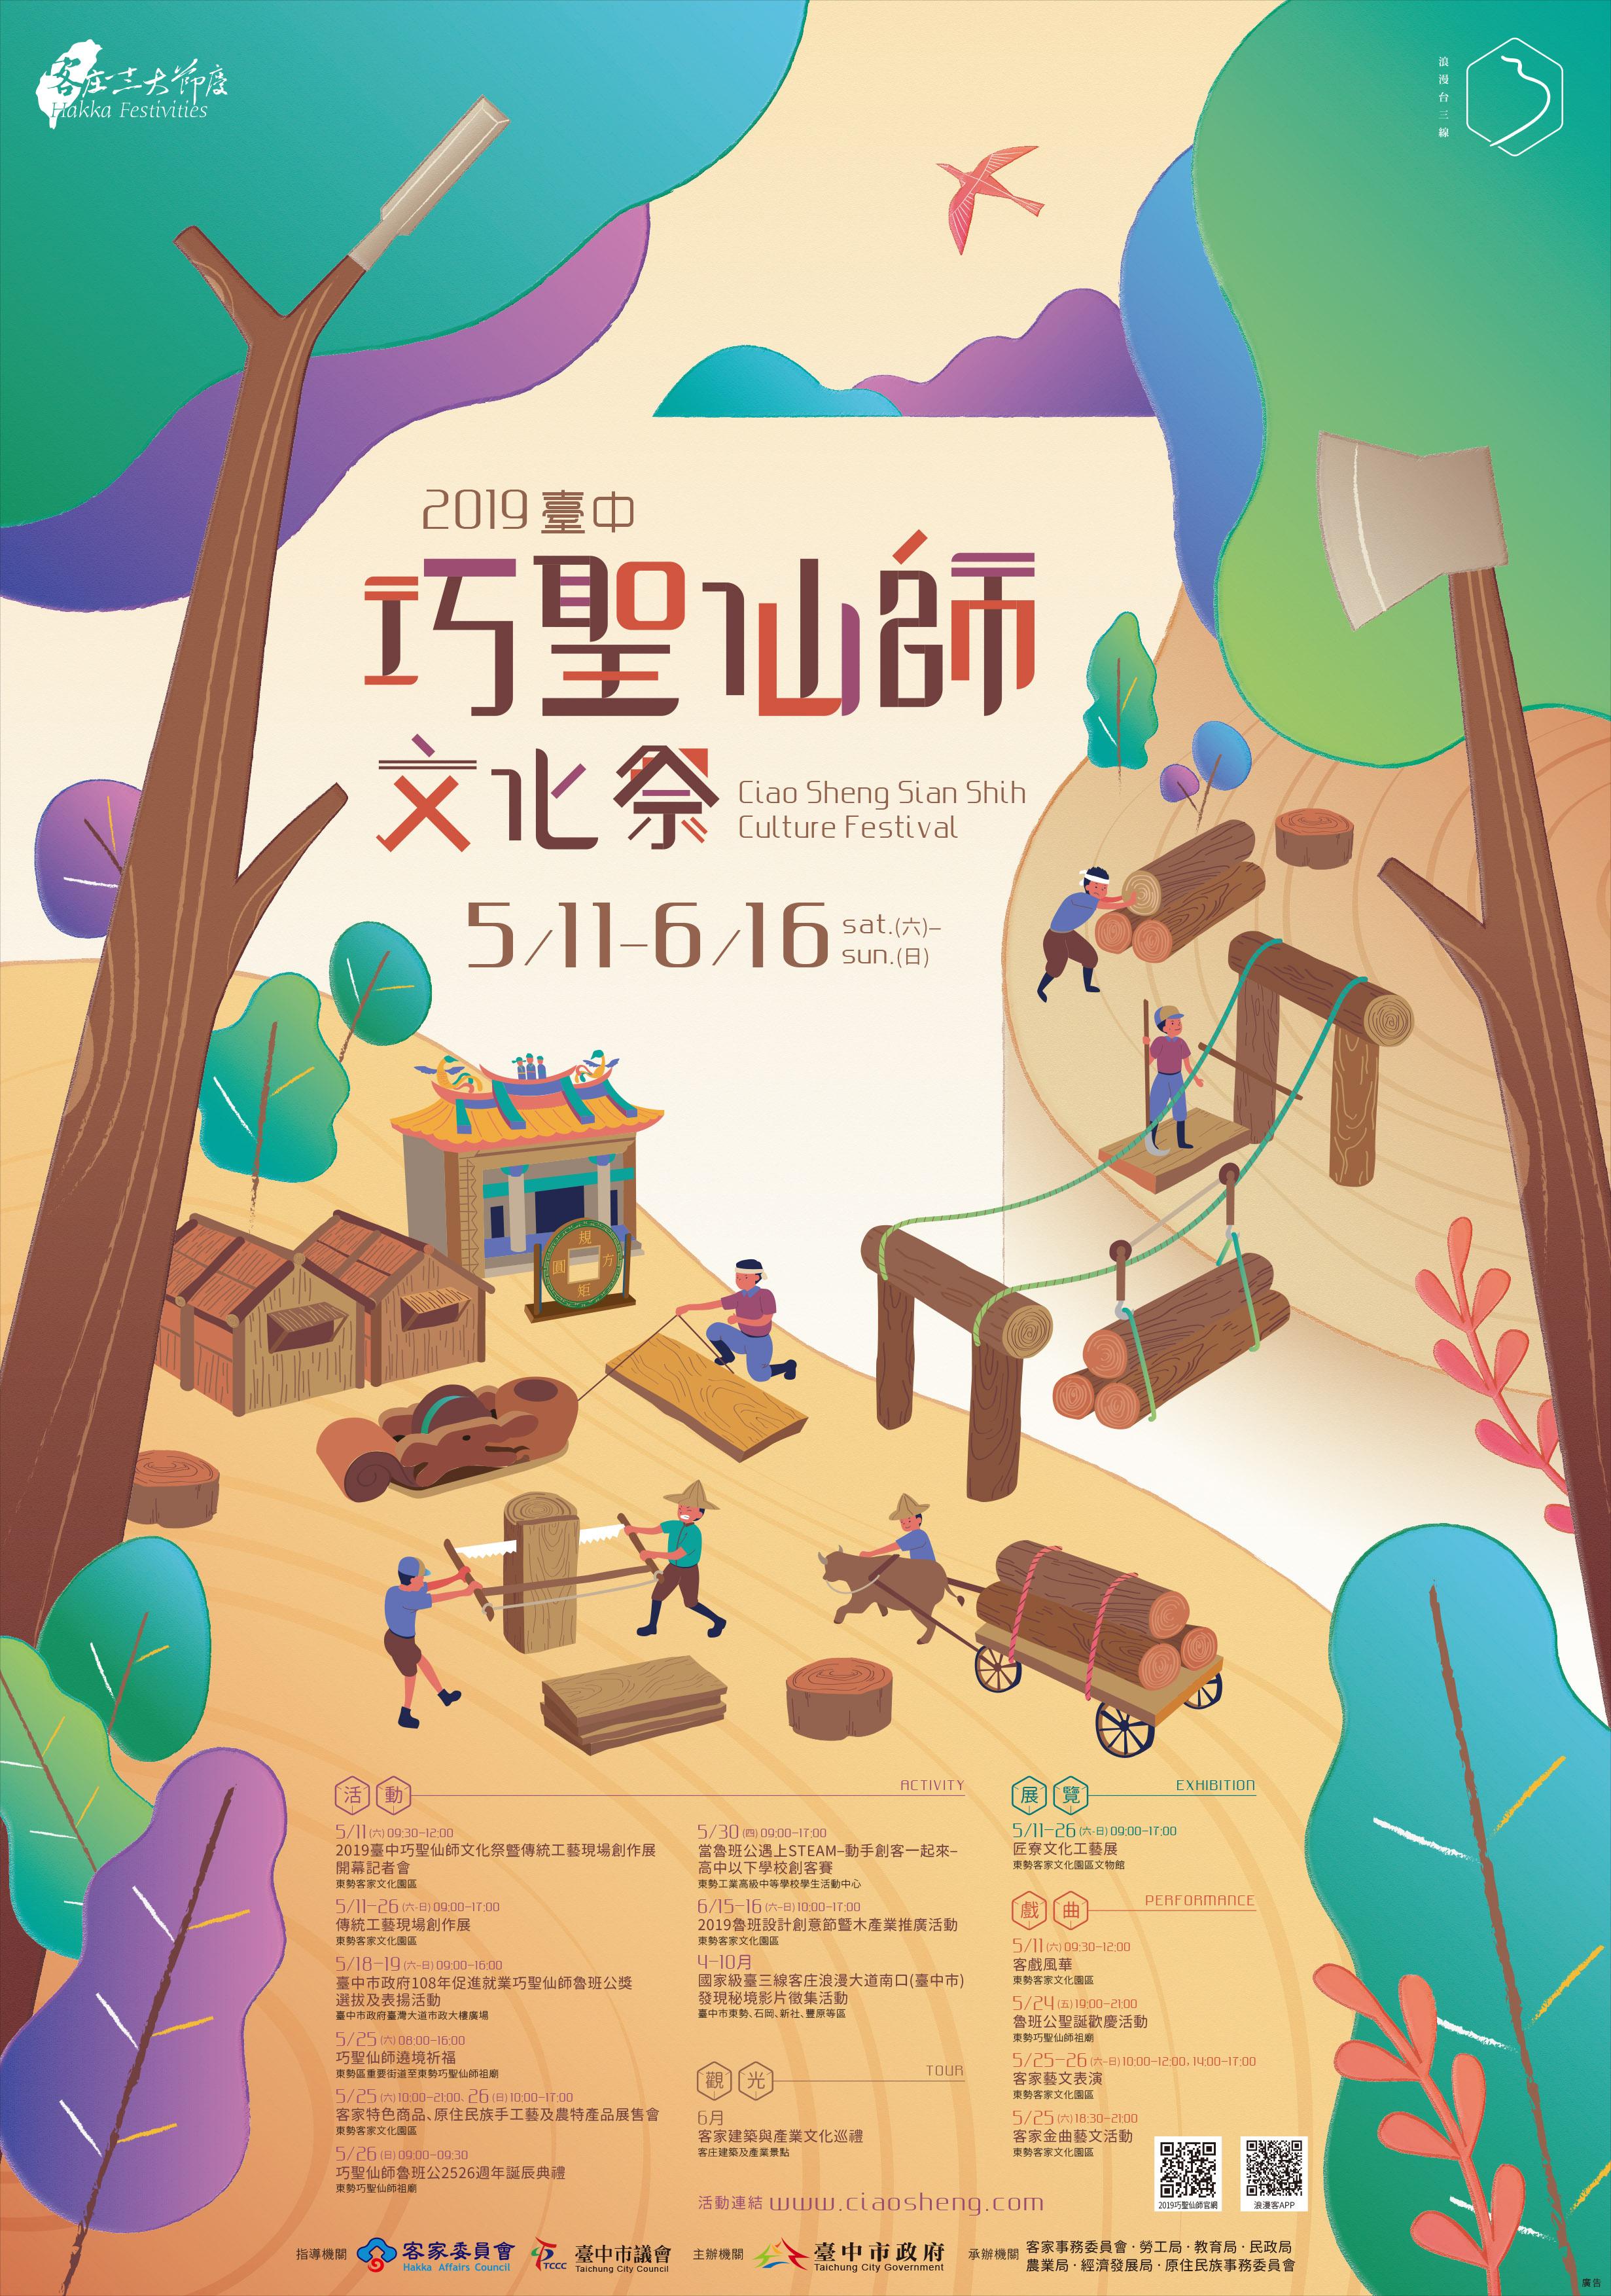 「2019客庄12大節慶-臺中巧聖仙師文化祭」活動,將於5月11日至6月16舉辦一系列相關活動。